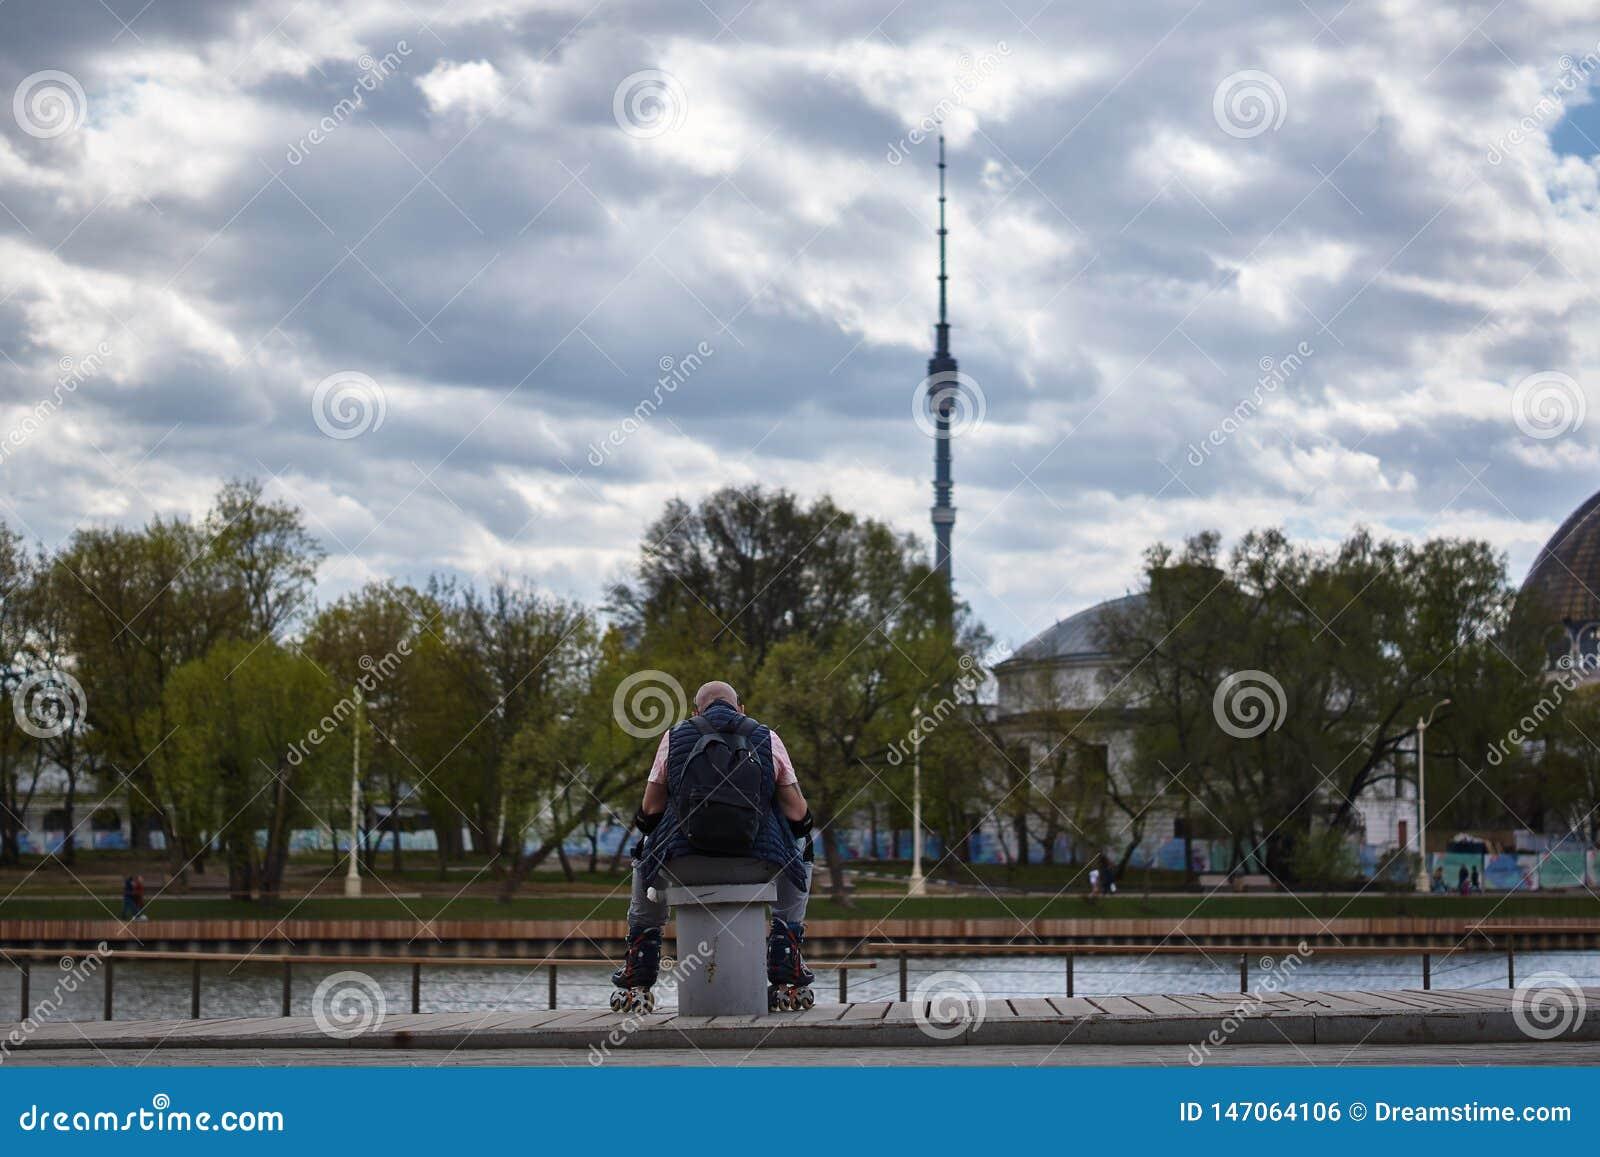 Το ηλικιωμένο μηχανικό δίκυκλο έχει μια συνεδρίαση υπολοίπου που έχει κινήσει χώρια τα πόδια την άνοιξη